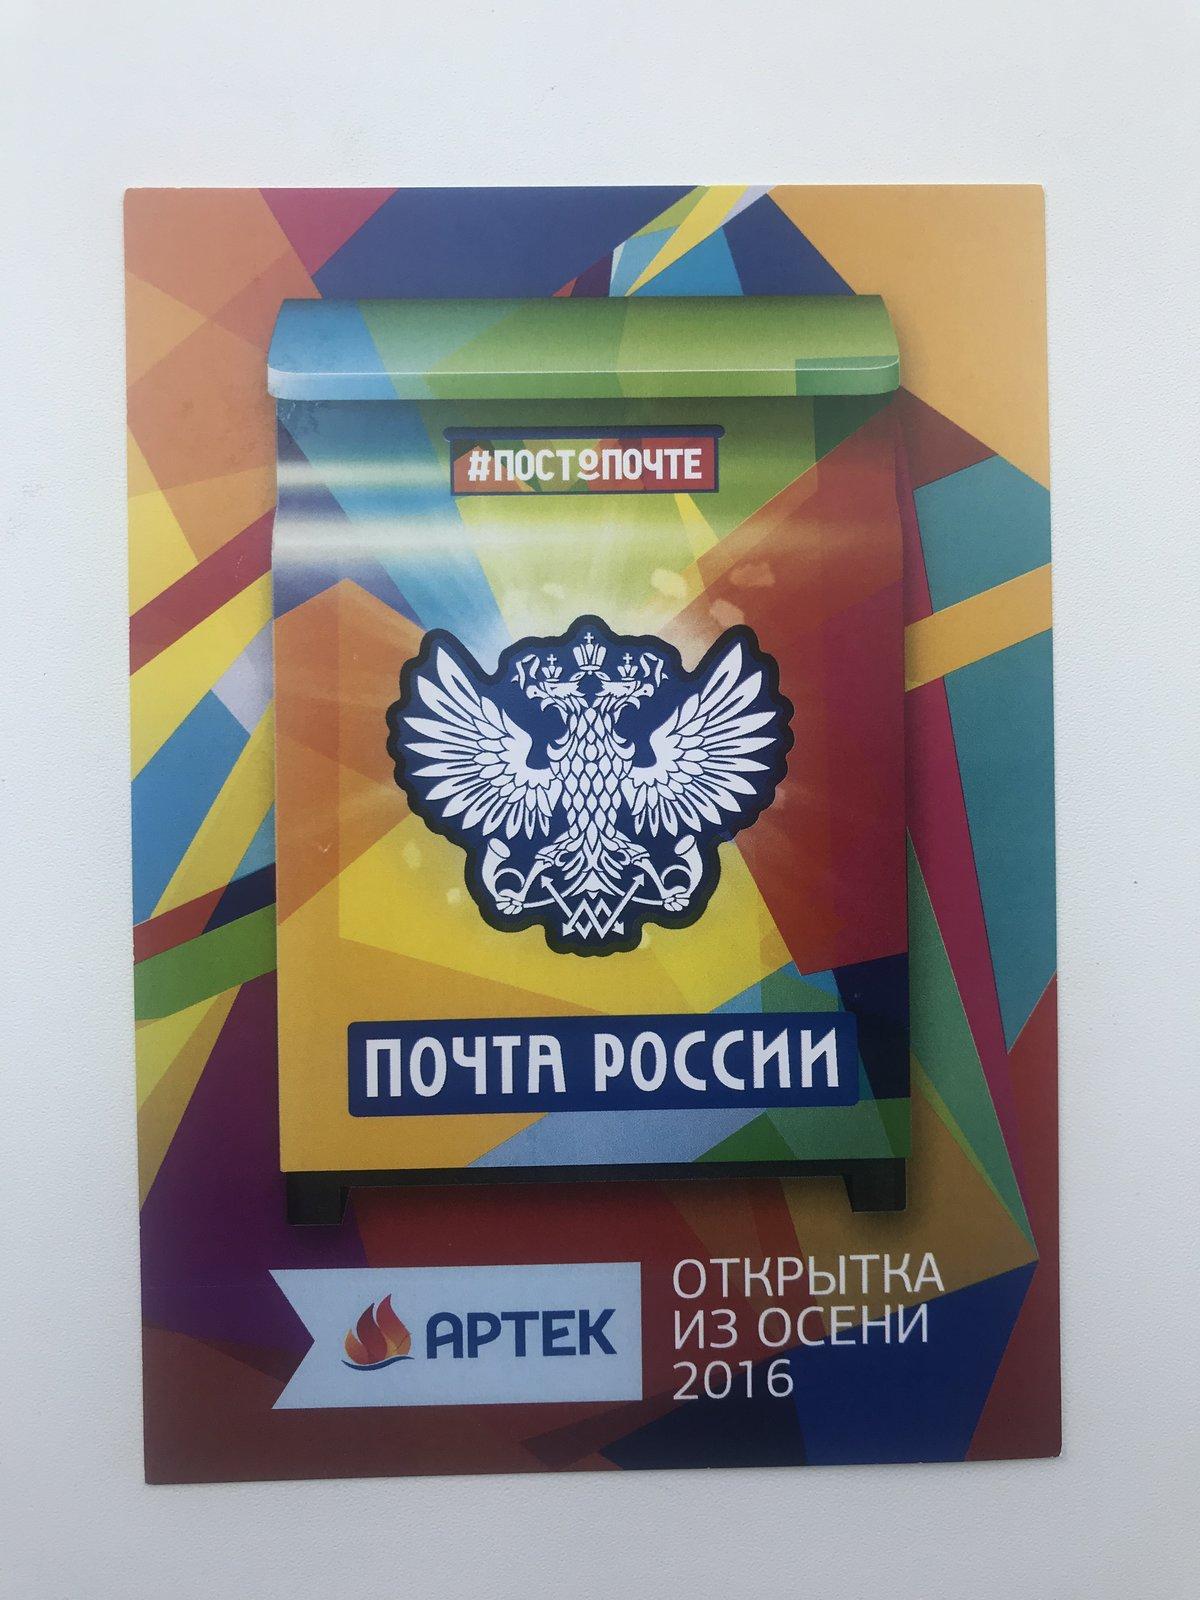 Почта россии музыкальные открытки, картинкой журнала